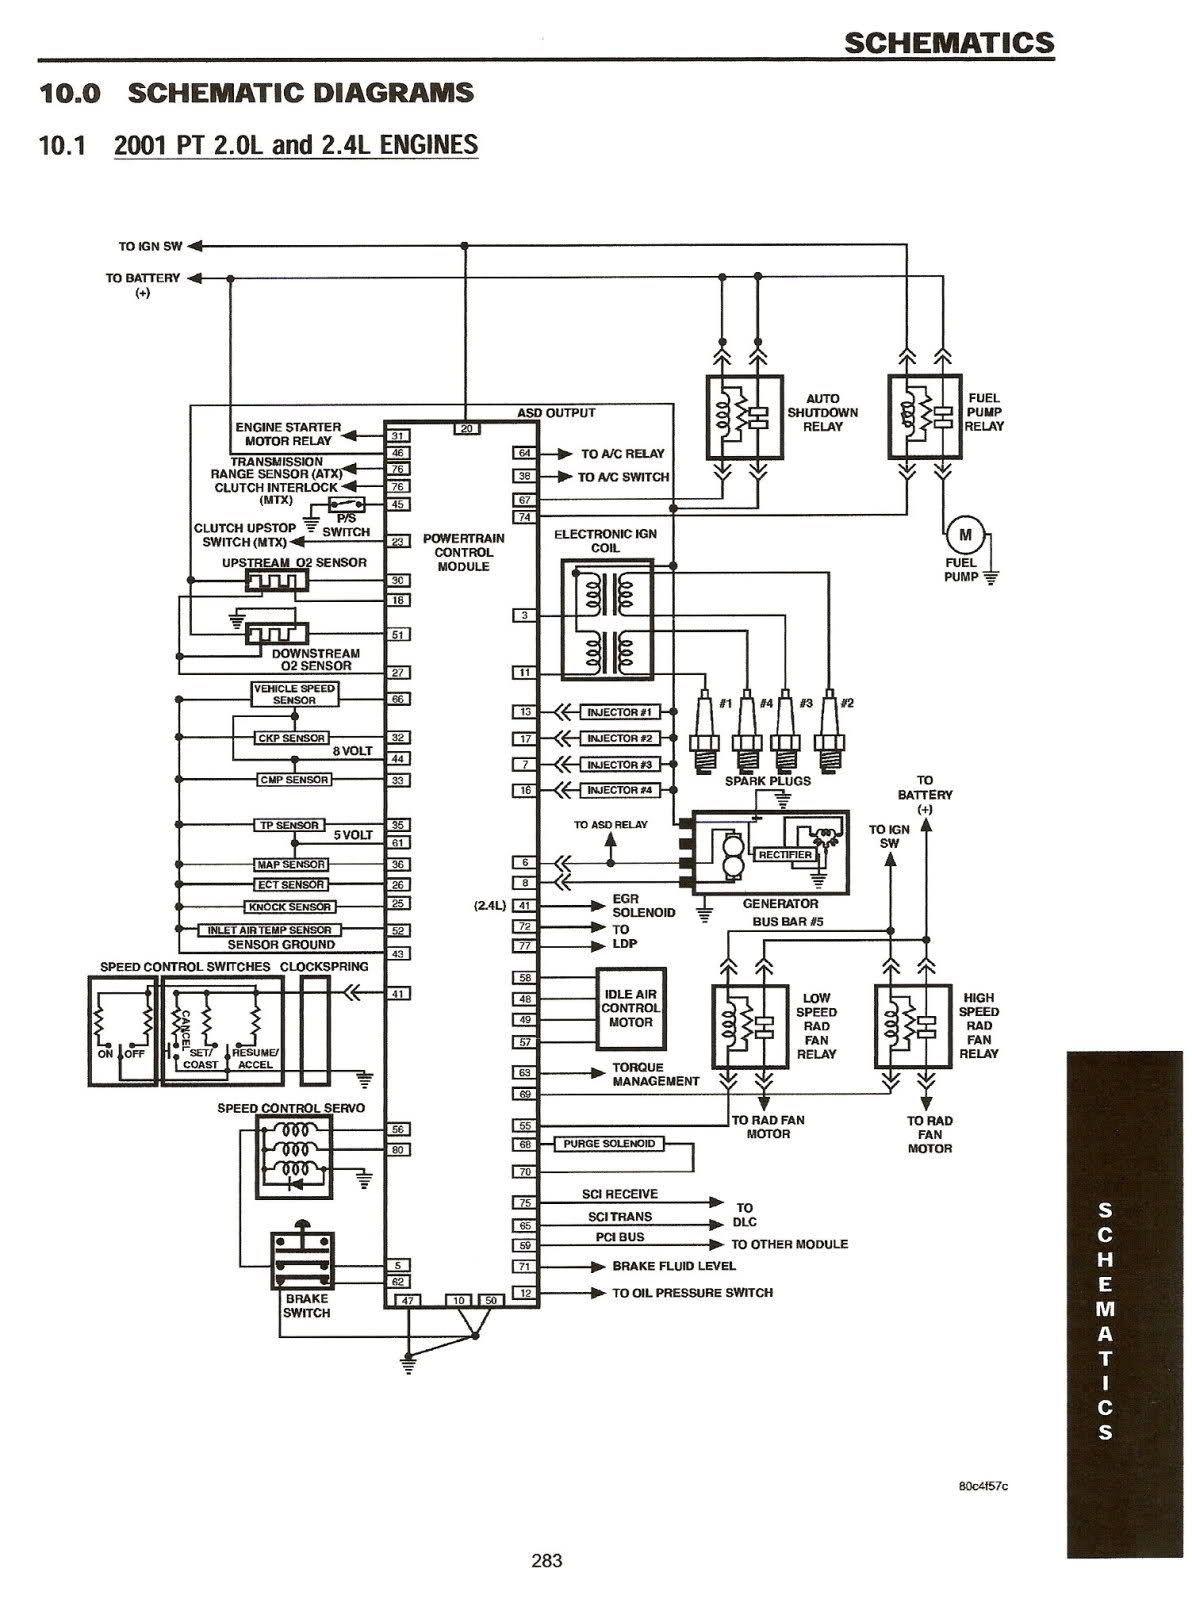 70 Luxury 2002 Pt Cruiser Starter Wiring Diagram Electrical Wiring Diagram Electrical Wiring Diagram